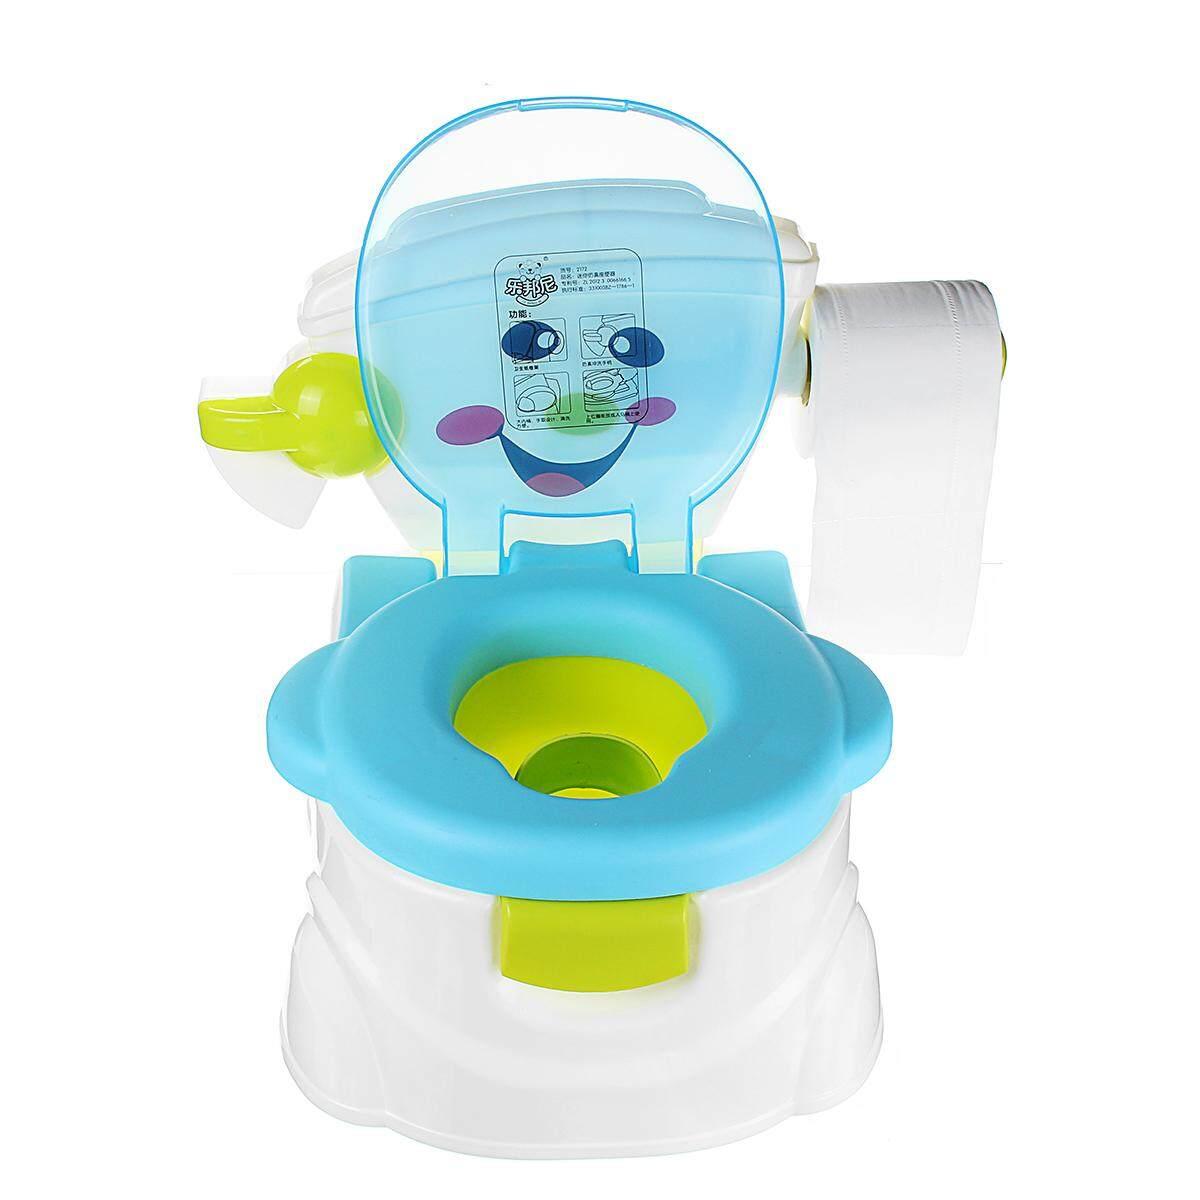 Jual Meja Ganti Bayi Murah Berkualitas Potty Seat Balita With Handle 2 In 1 Musik Anak Latihan Toilet Pelatih Kursi